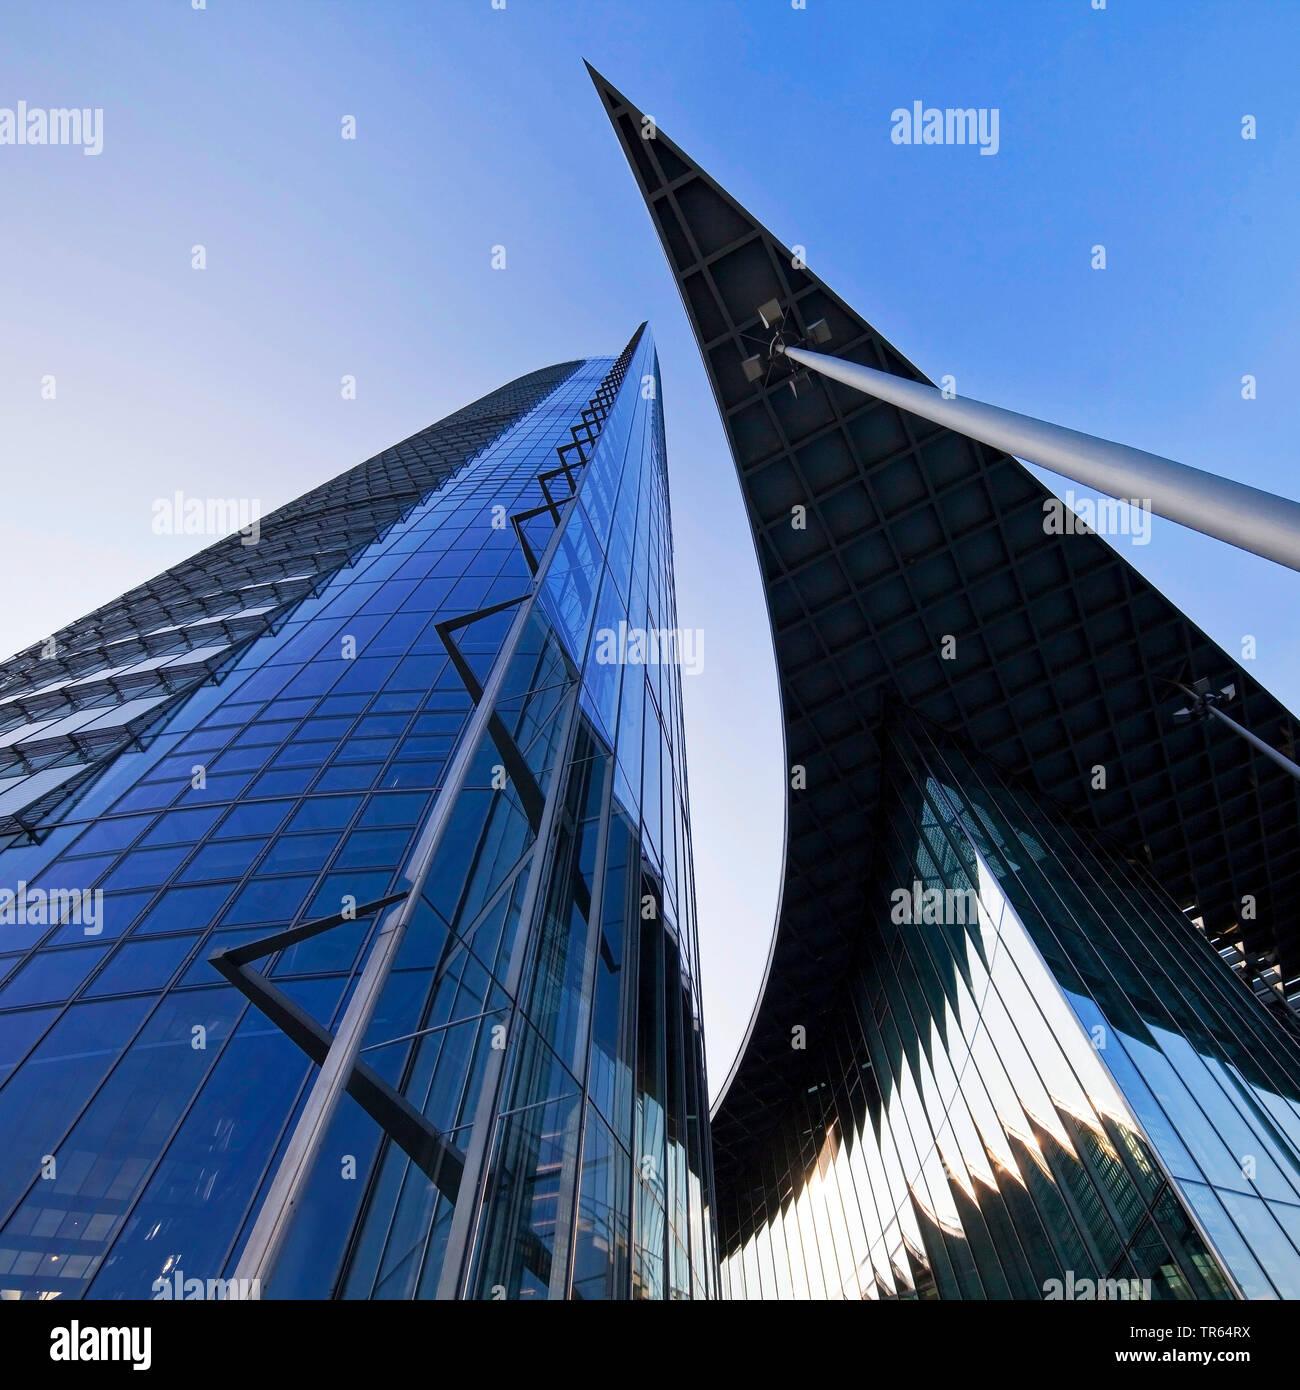 Post Tower, Hauptsitz der Logistikunternehmen Deutsche Post DHL, Deutschland, Nordrhein-Westfalen, Bonn Stockfoto